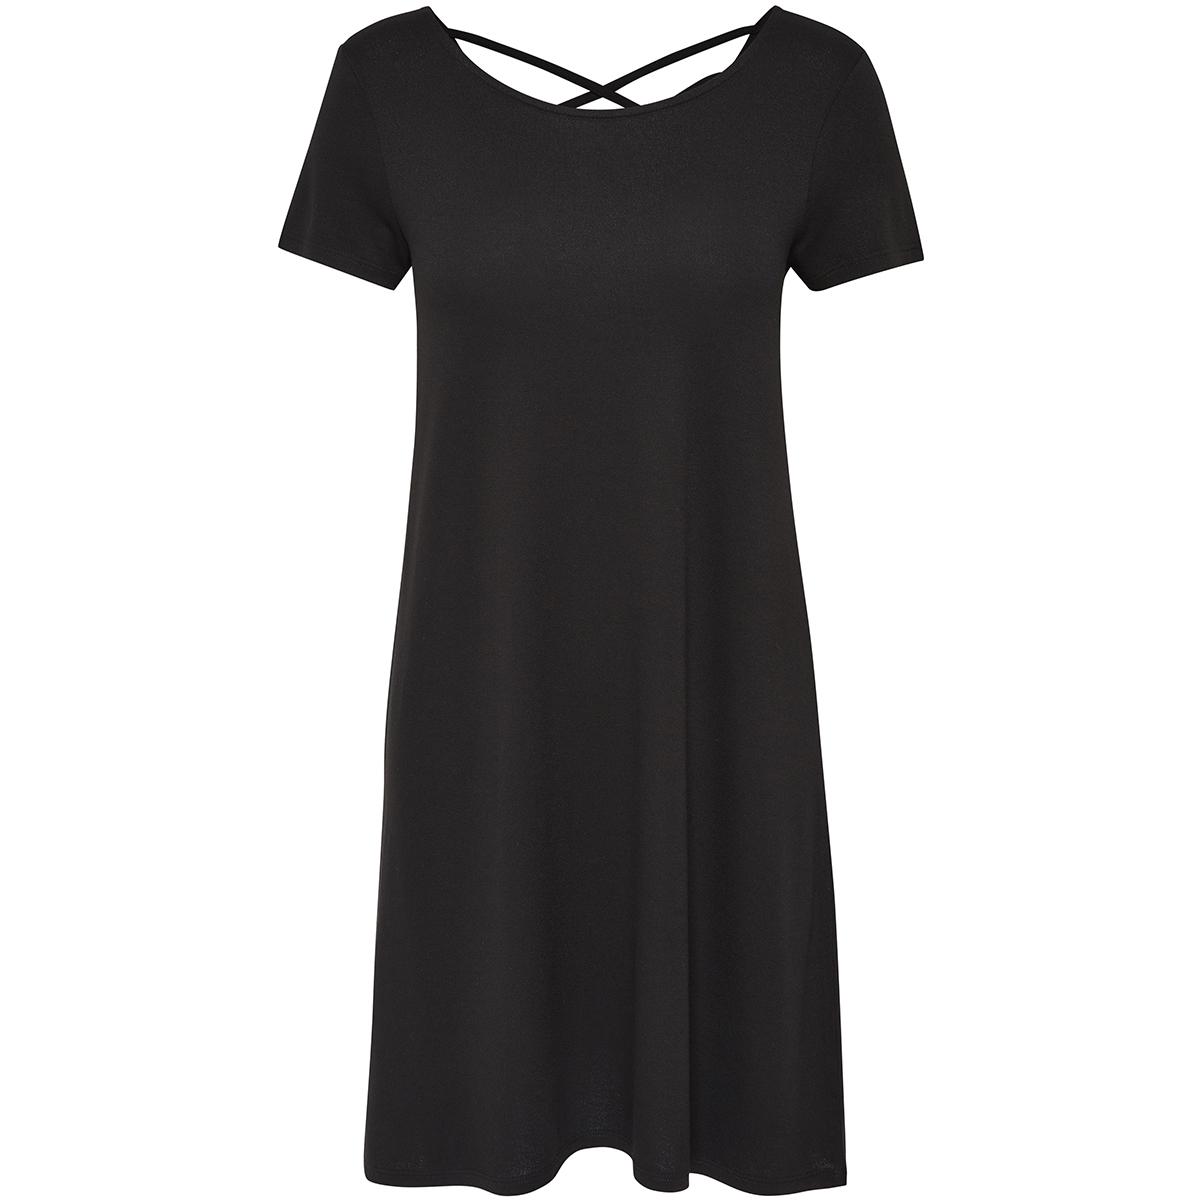 onlbera back lace up s/s dress jrs 15131237 only jurk black